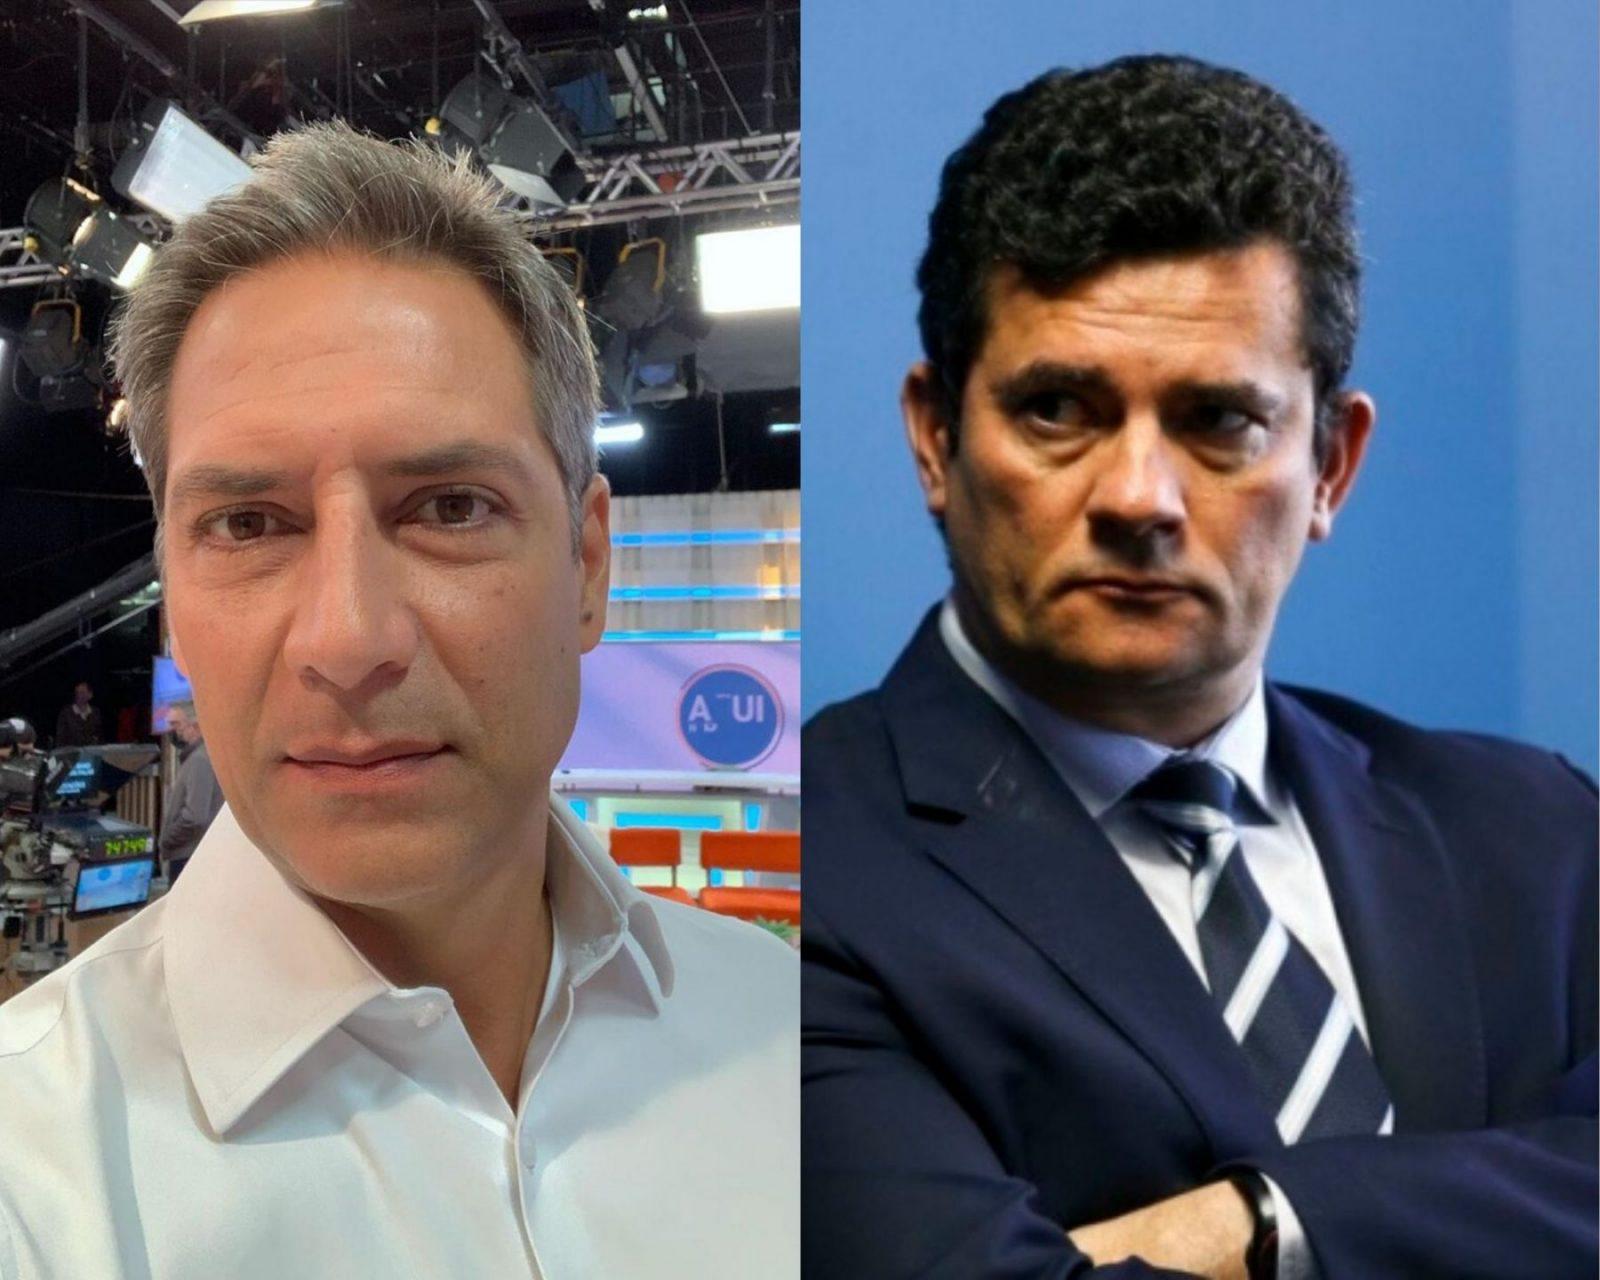 Moro sabia que Adélio não agiu sozinho no atentado contra Bolsonaro, afirma Lacombe